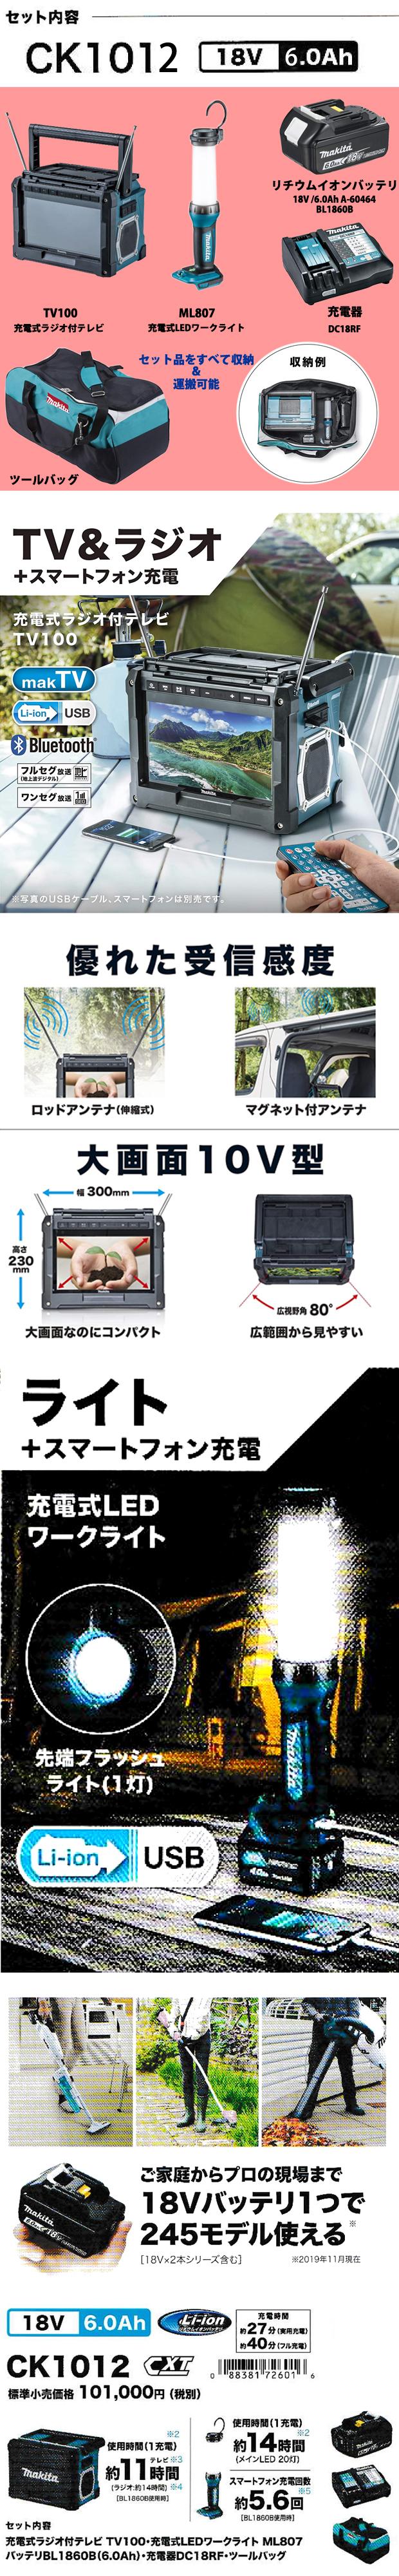 マキタ 18V/6.0Ah防災用コンボキット CK1012